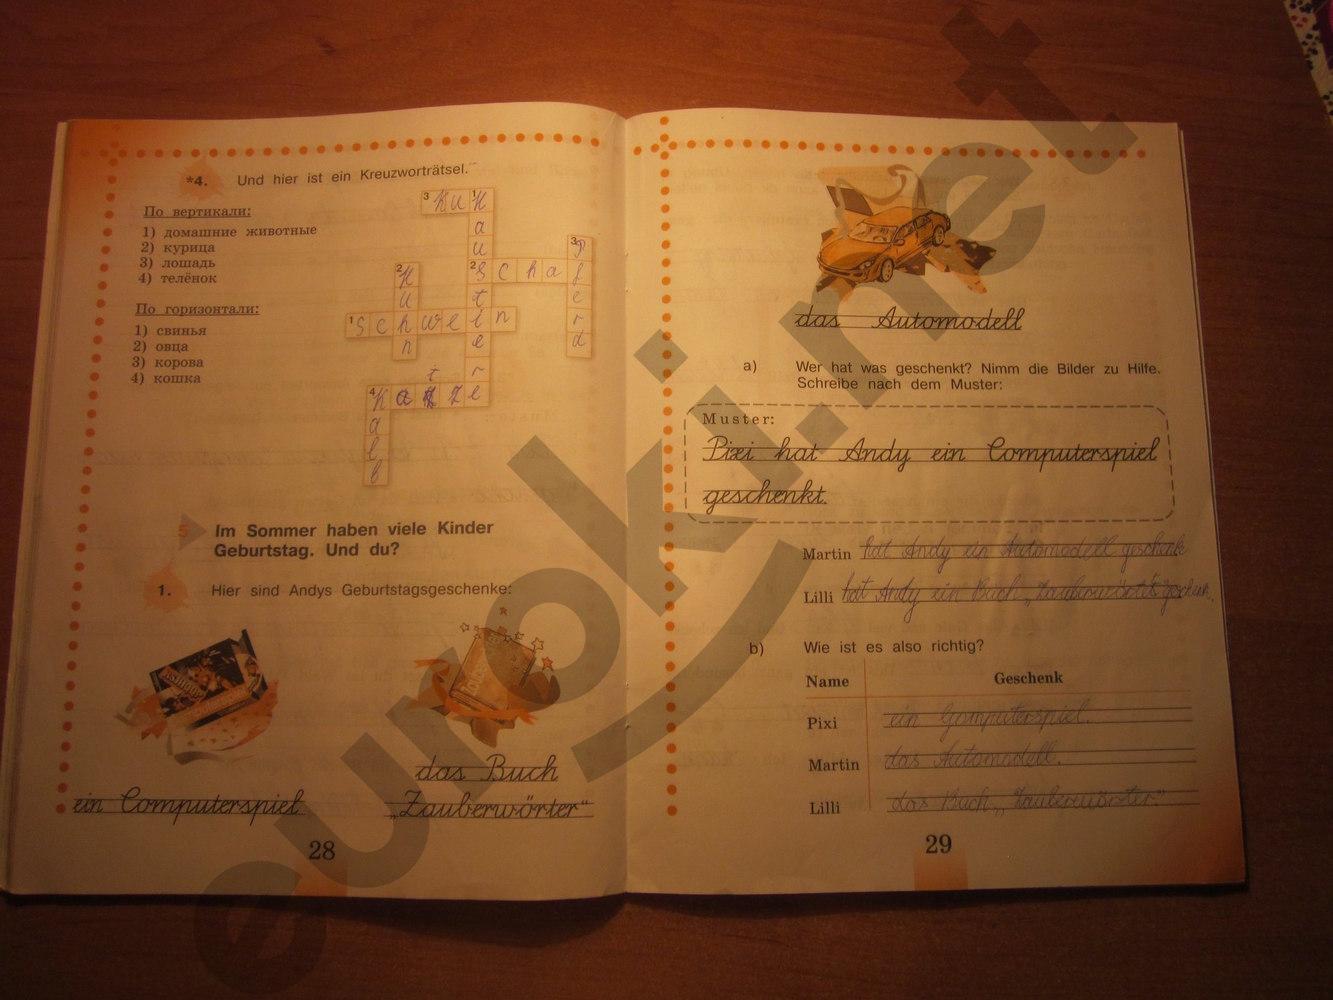 решебник часть тетрадь язык класс немецкий 4 и